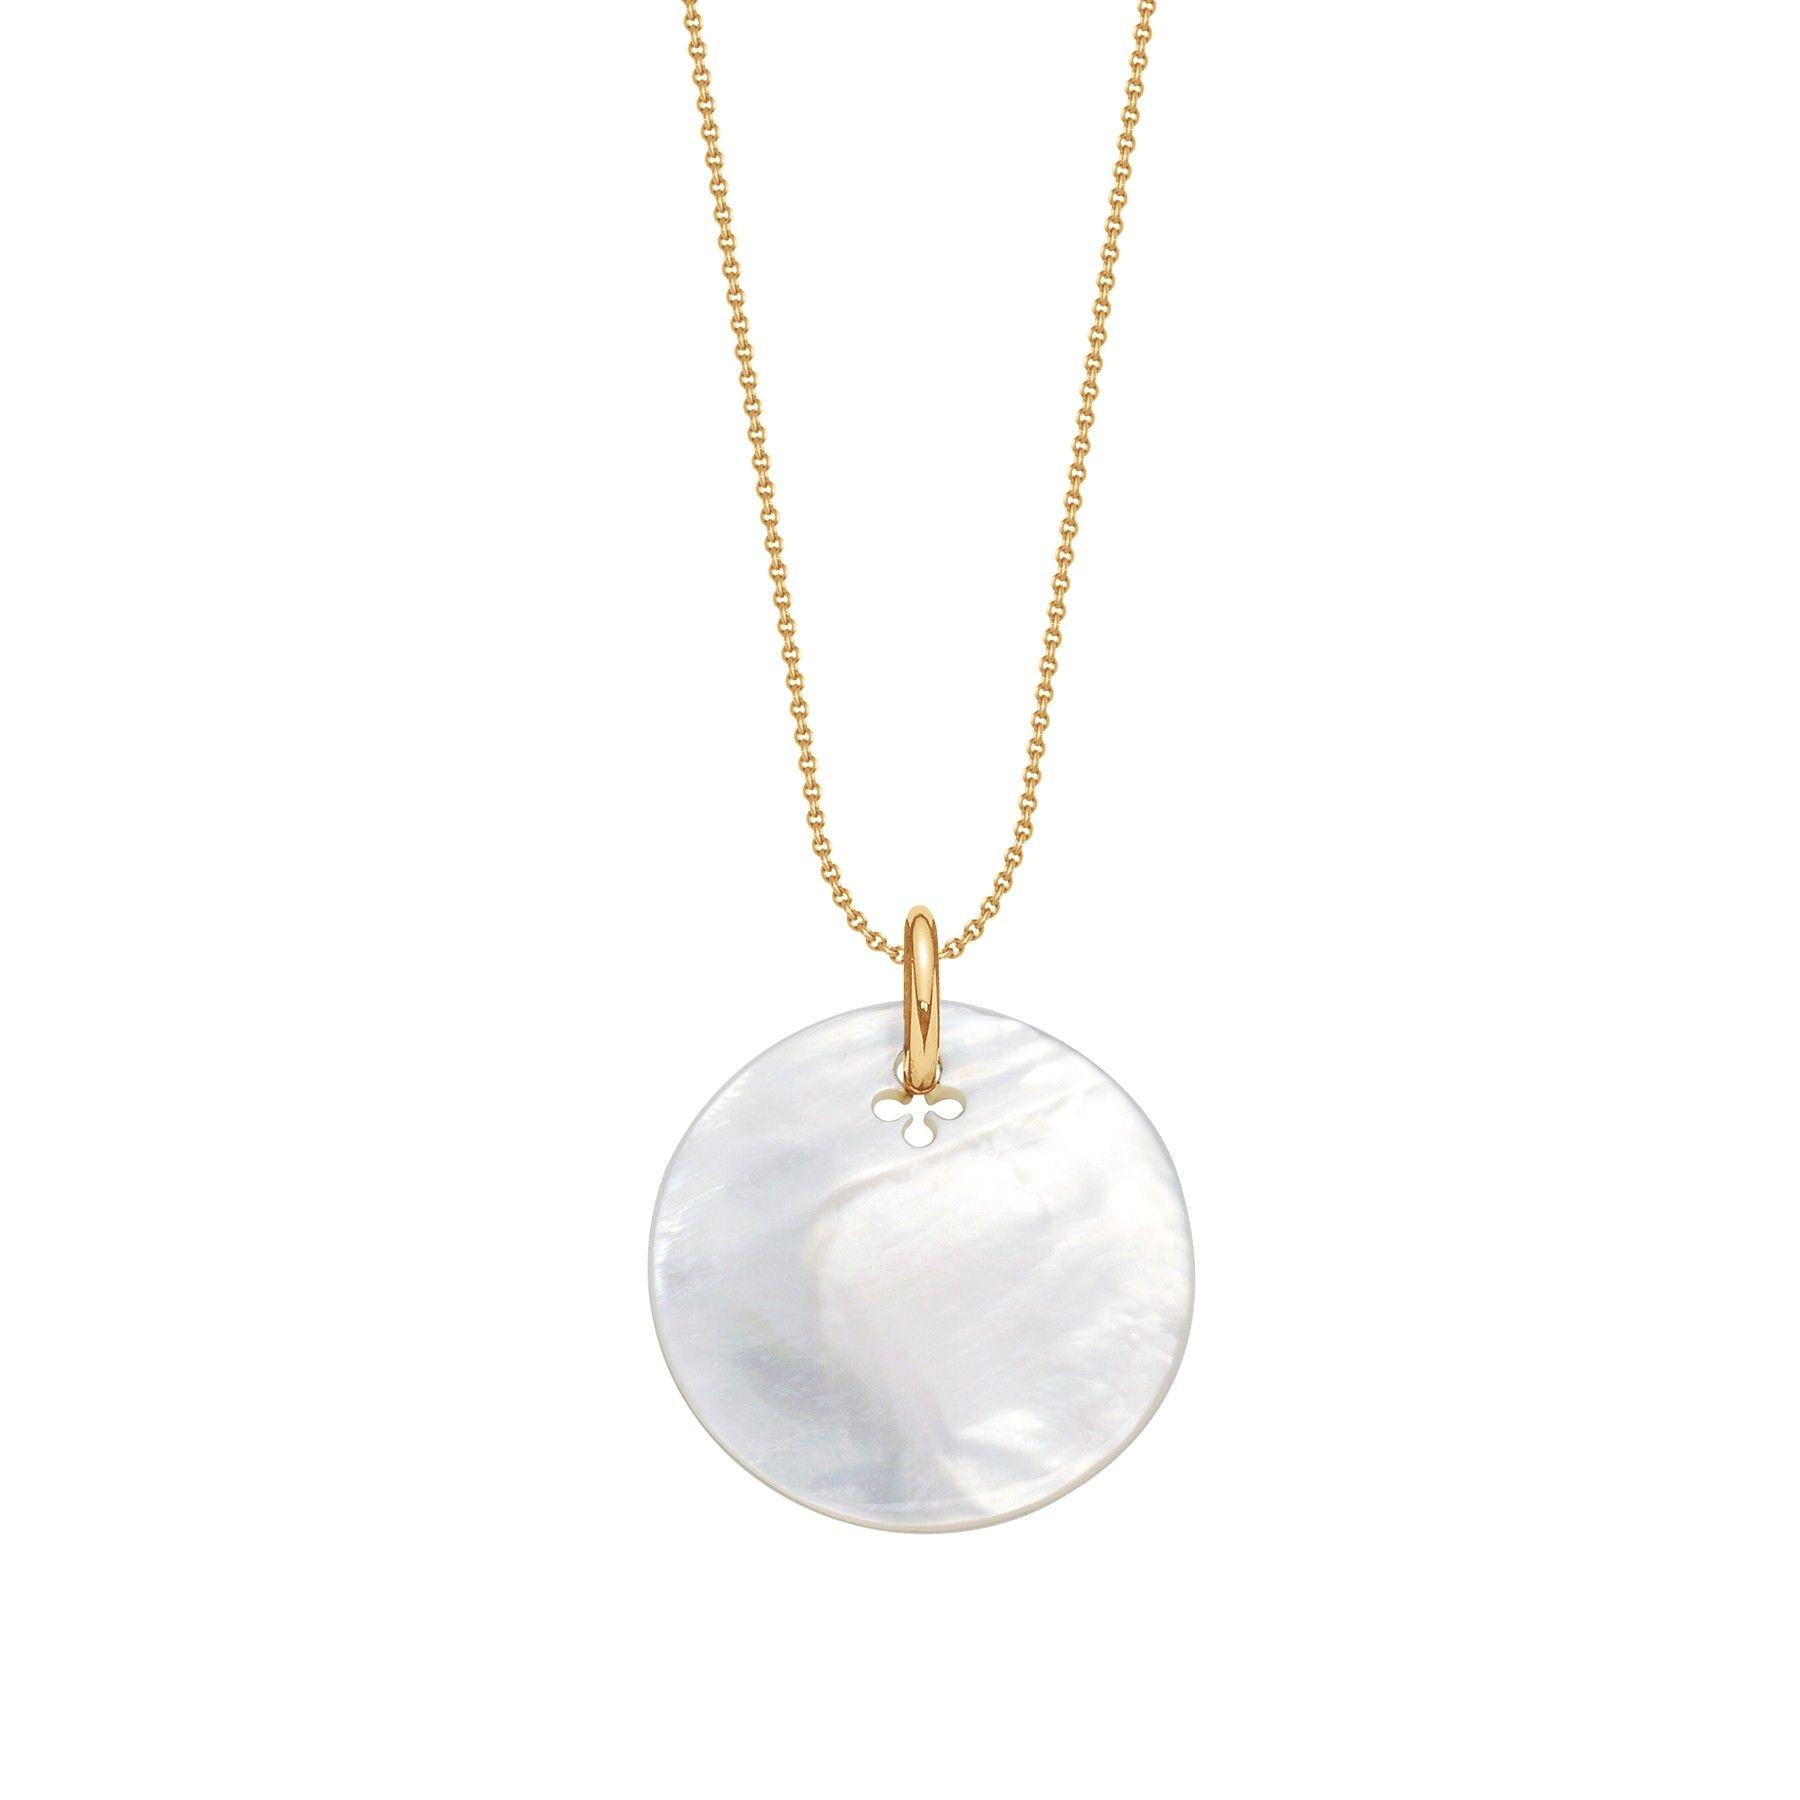 Naszyjnik z medalikiem z masy perłowej na pozłacanym cienkim klasycznym łańcuszku